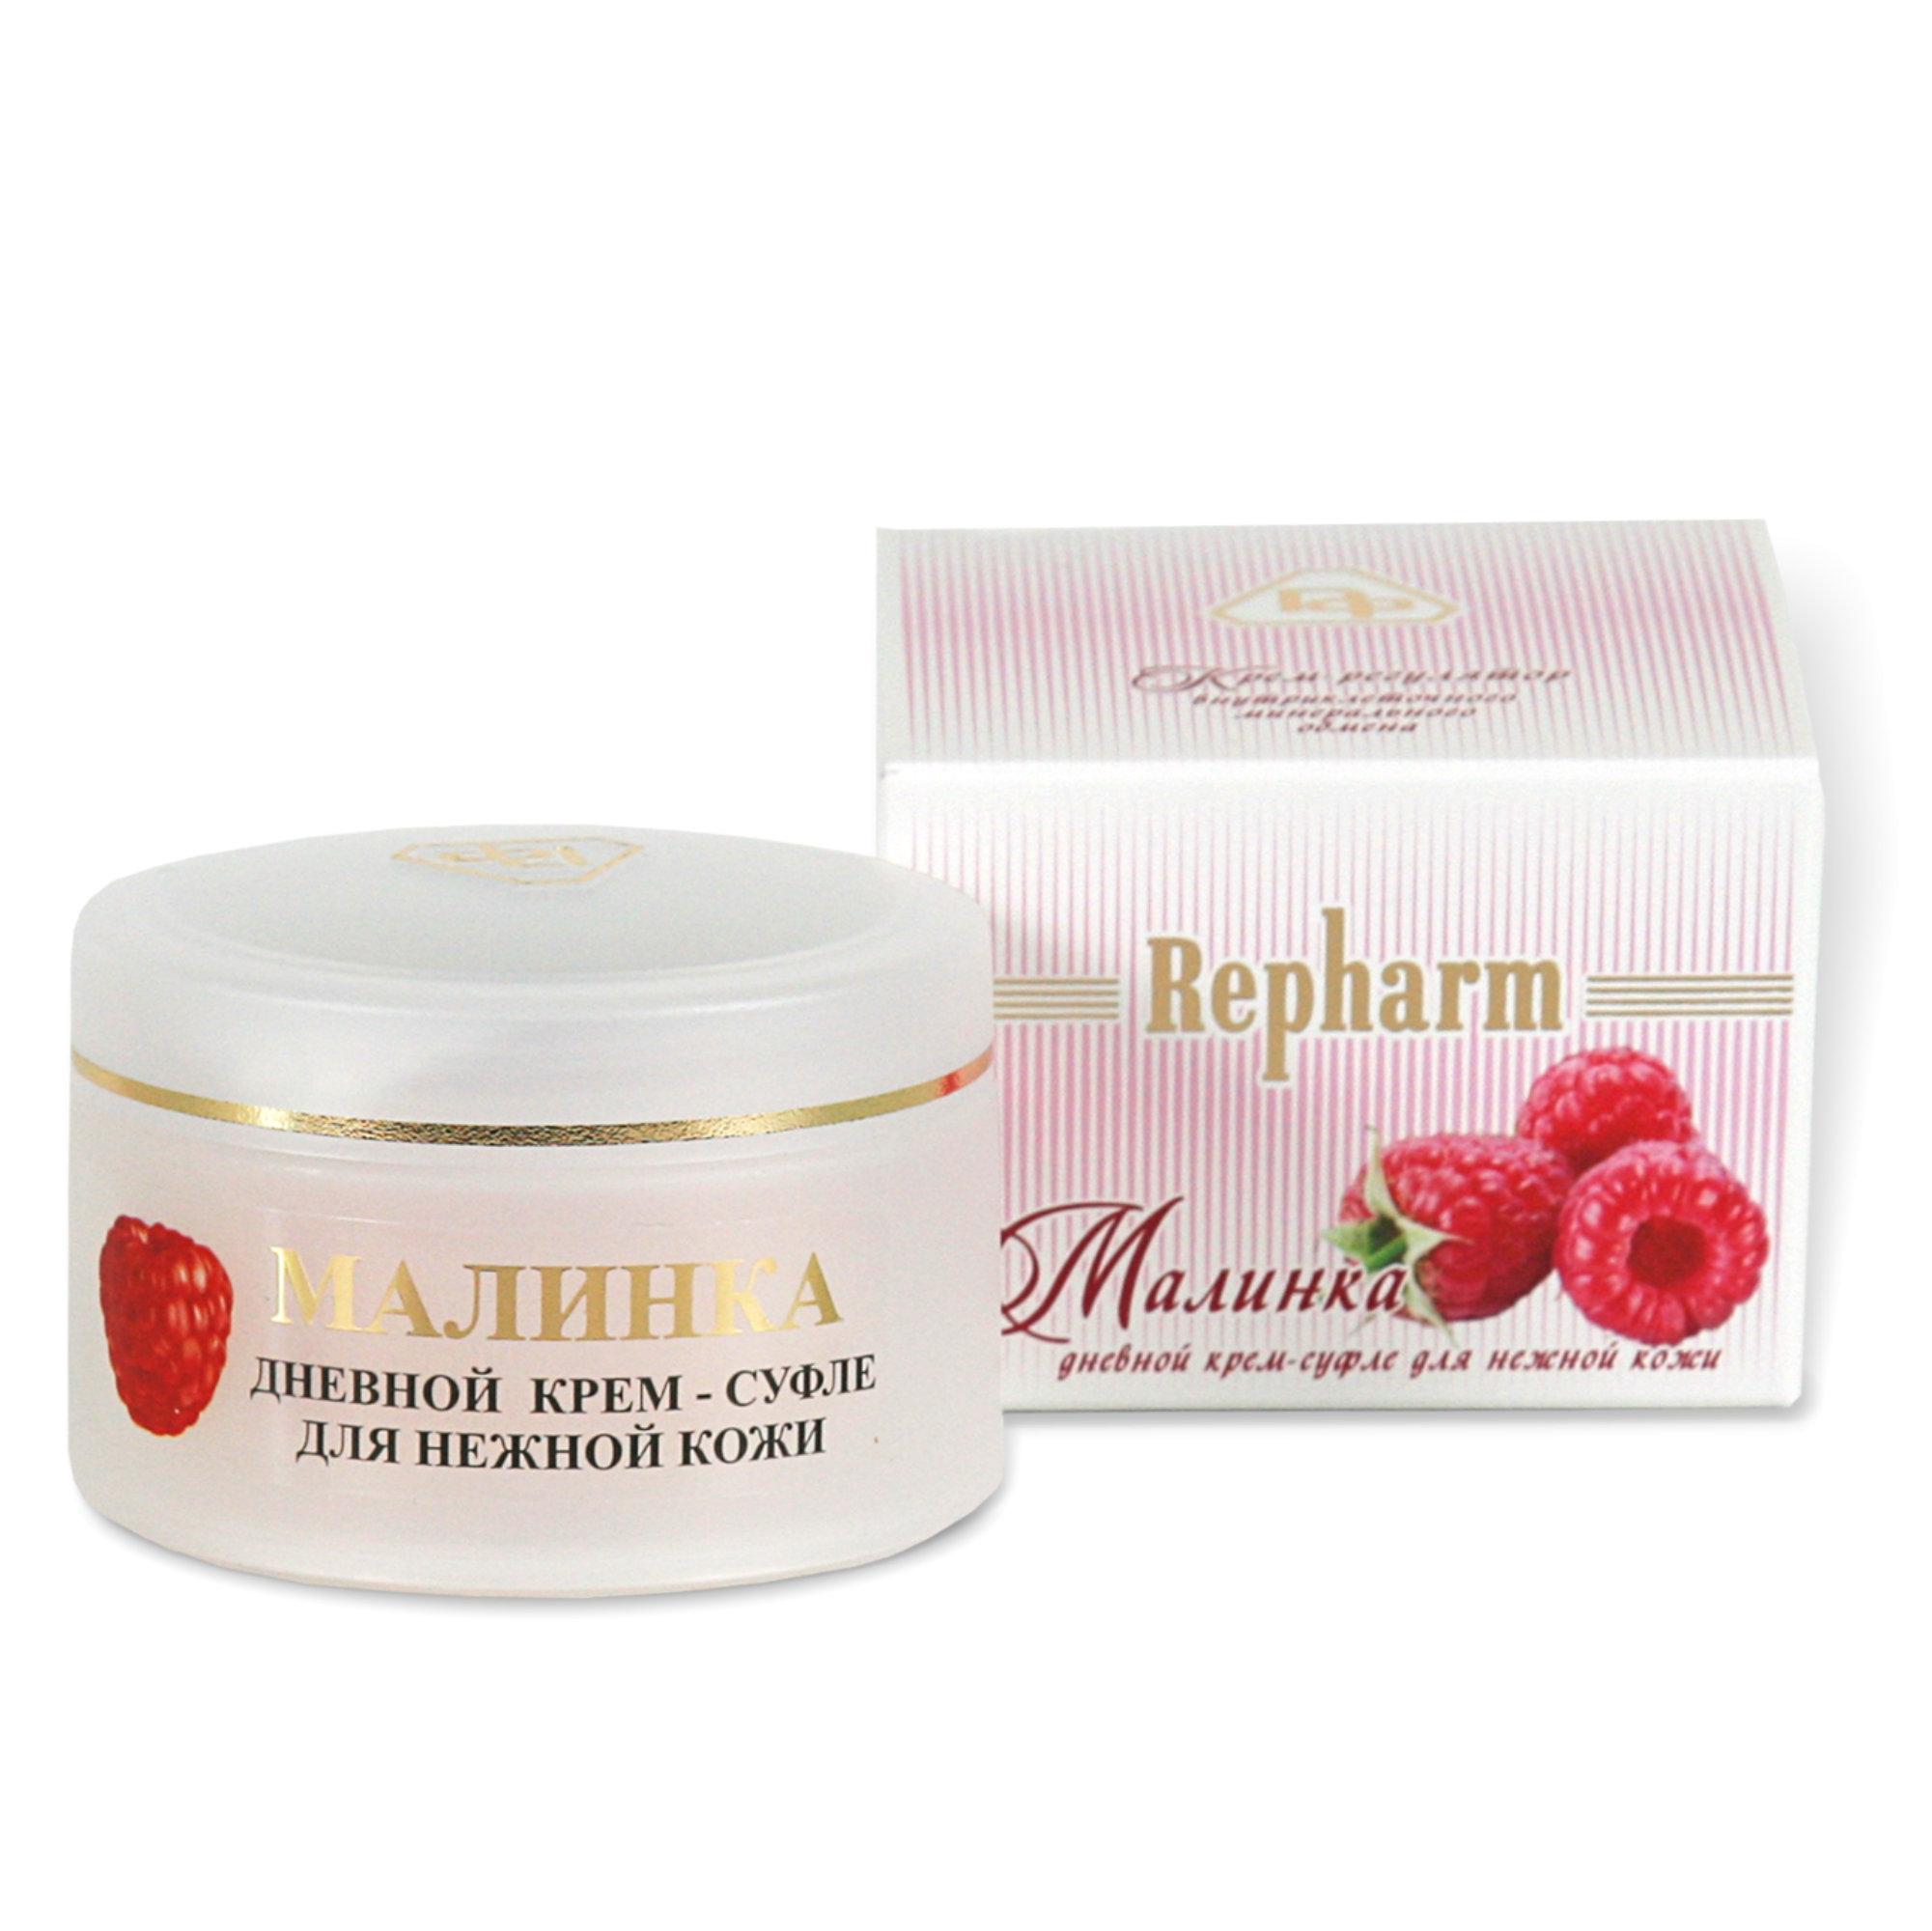 РЕФАРМ Дневной крем-суфле для нежной кожи  МАЛИНКА  / Repharm 50мл